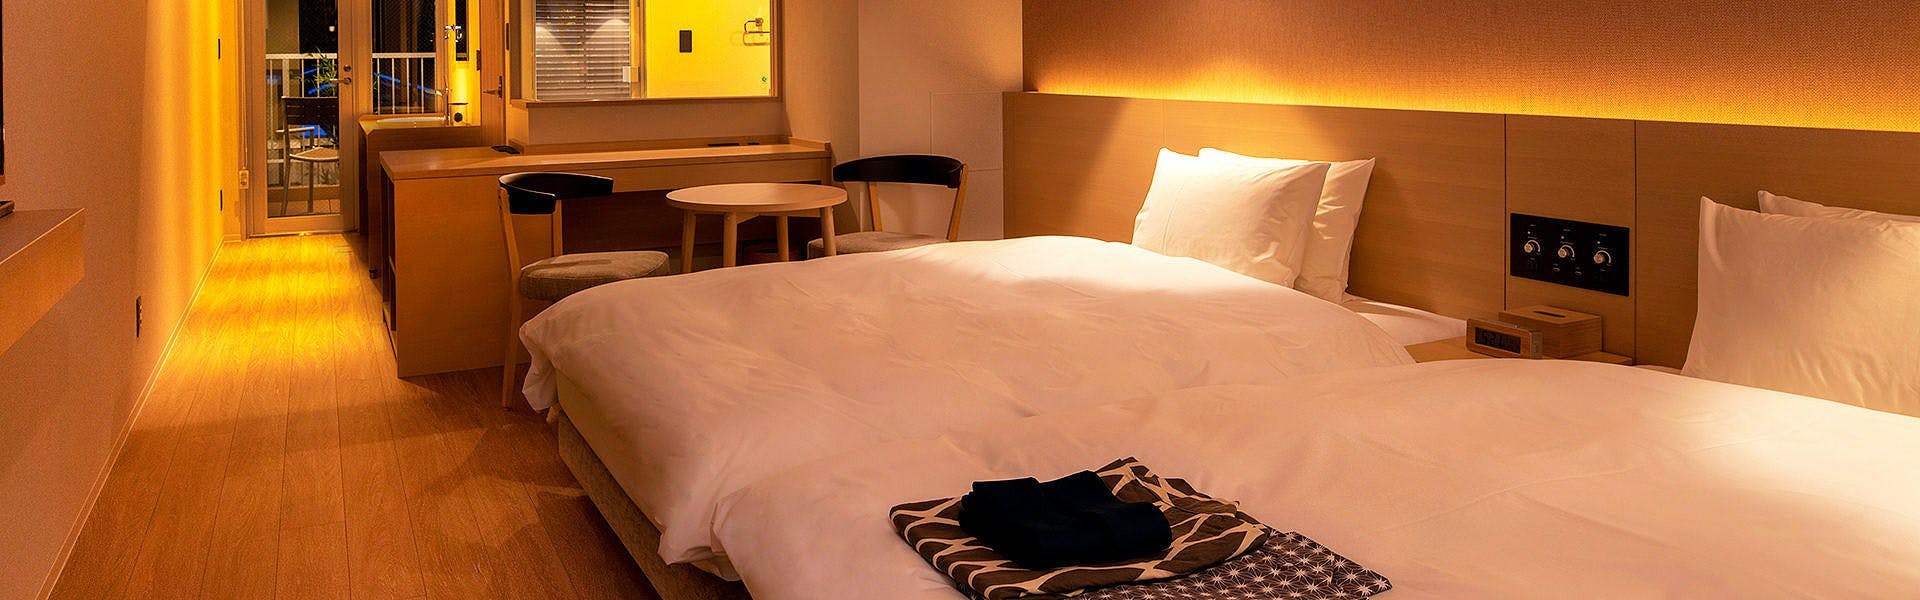 記念日におすすめのホテル・【雨庵 金沢】の写真2